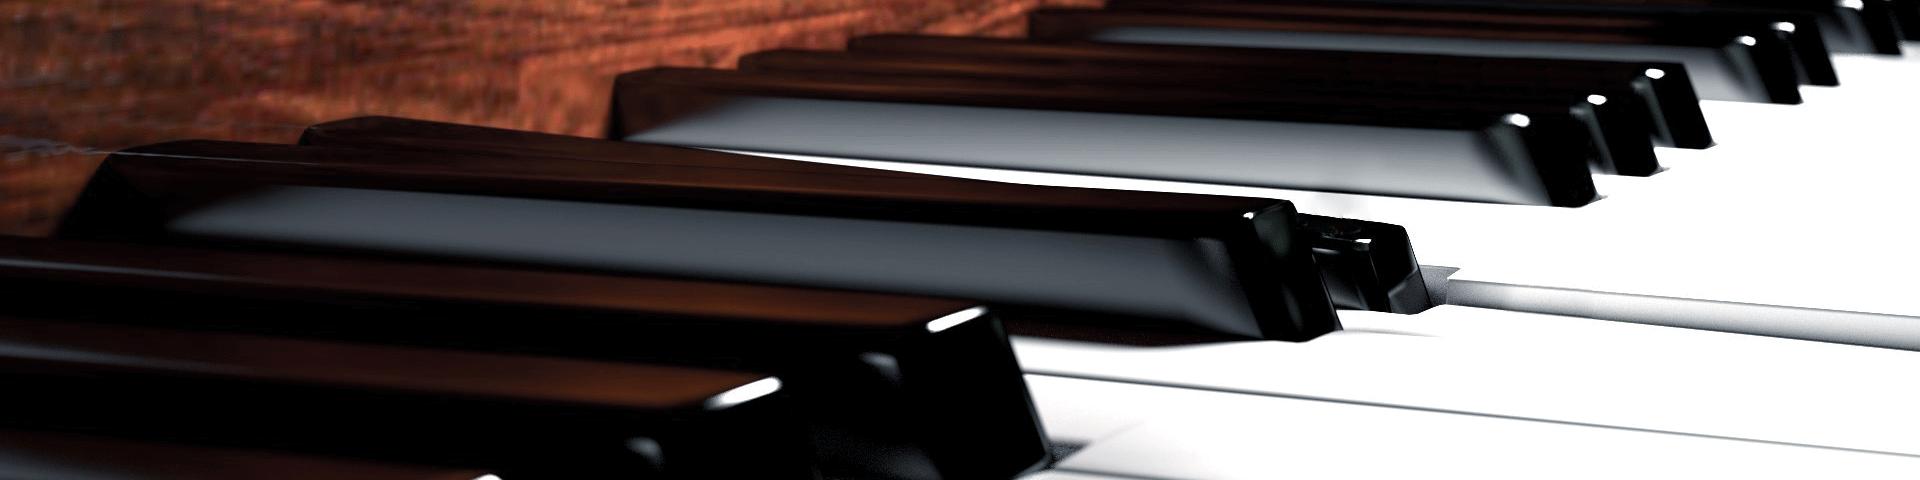 石家庄钢琴维修调律怎么收费